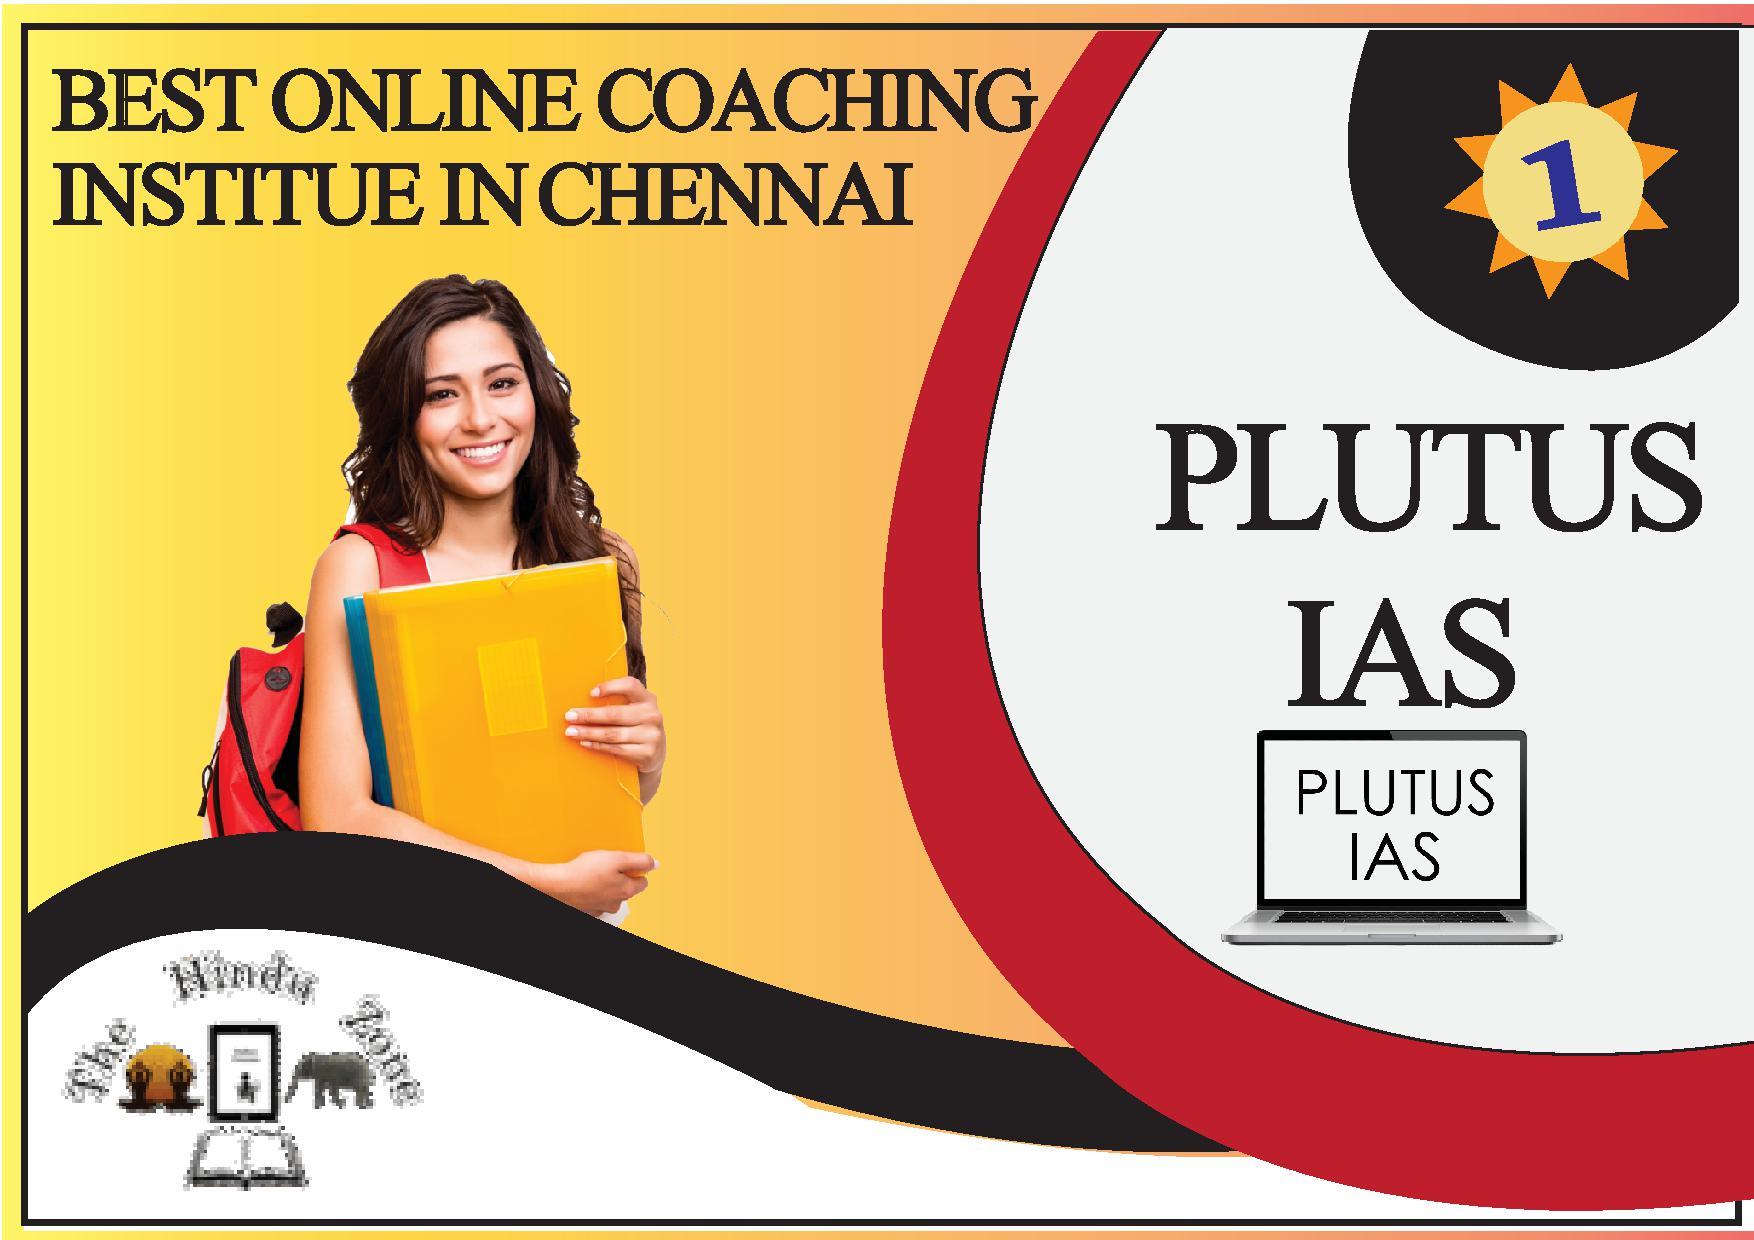 Plutus IAS Online Coaching In Chennai